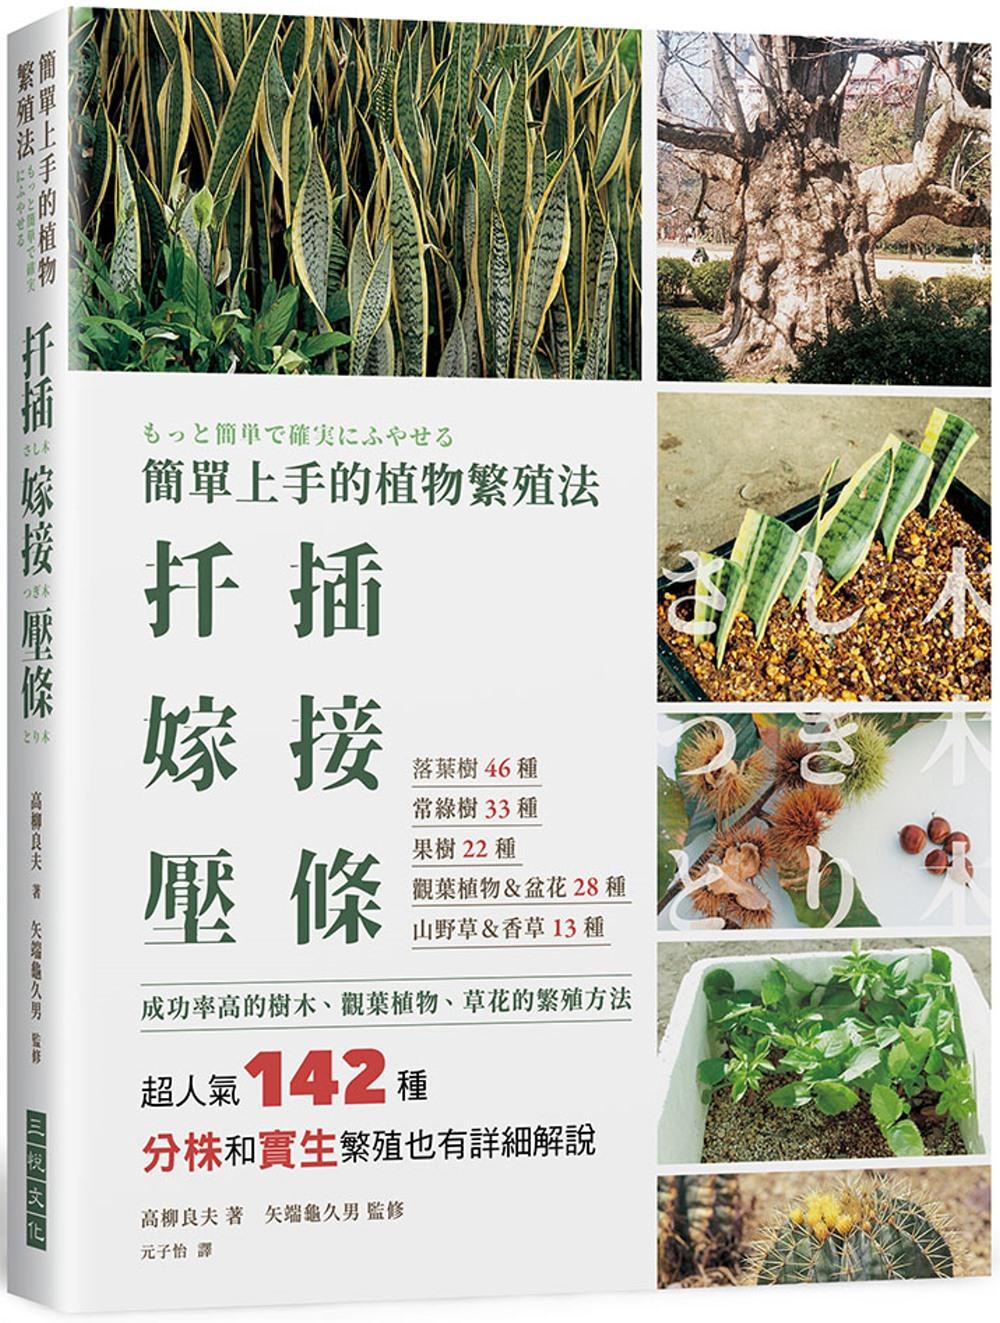 簡單上手的植物繁殖法  扦插嫁...